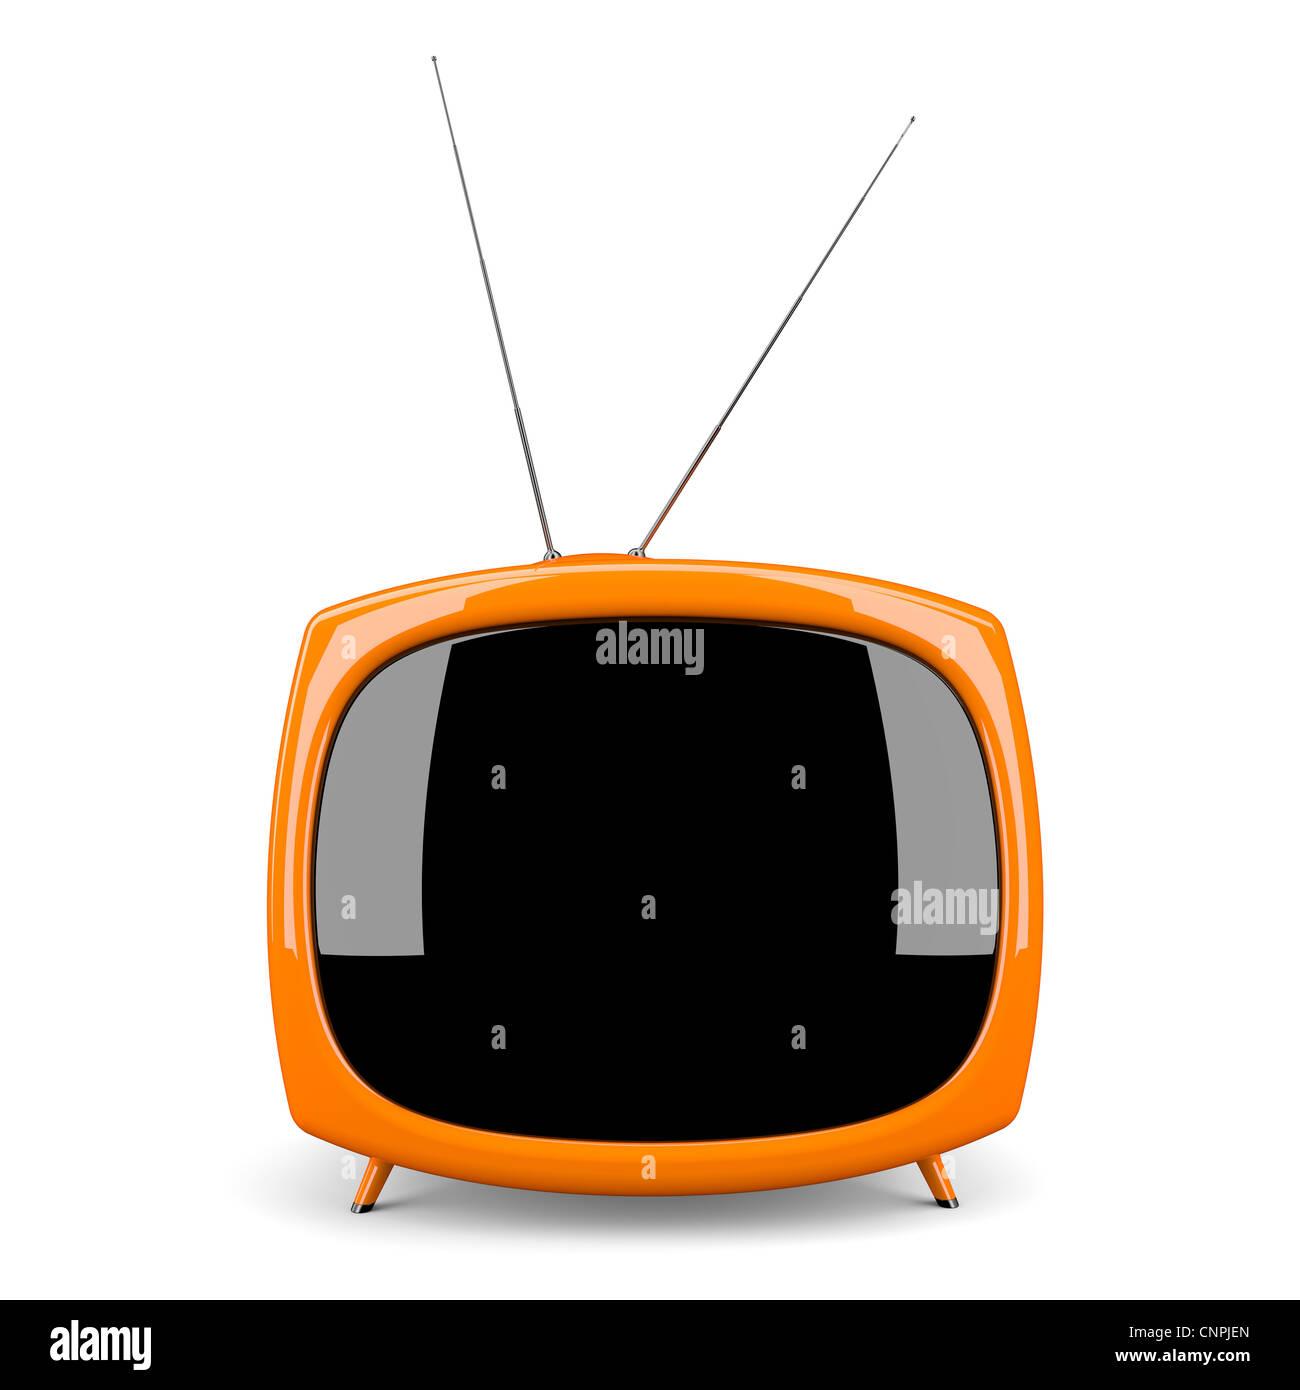 Retro tv isolate on white background - Stock Image